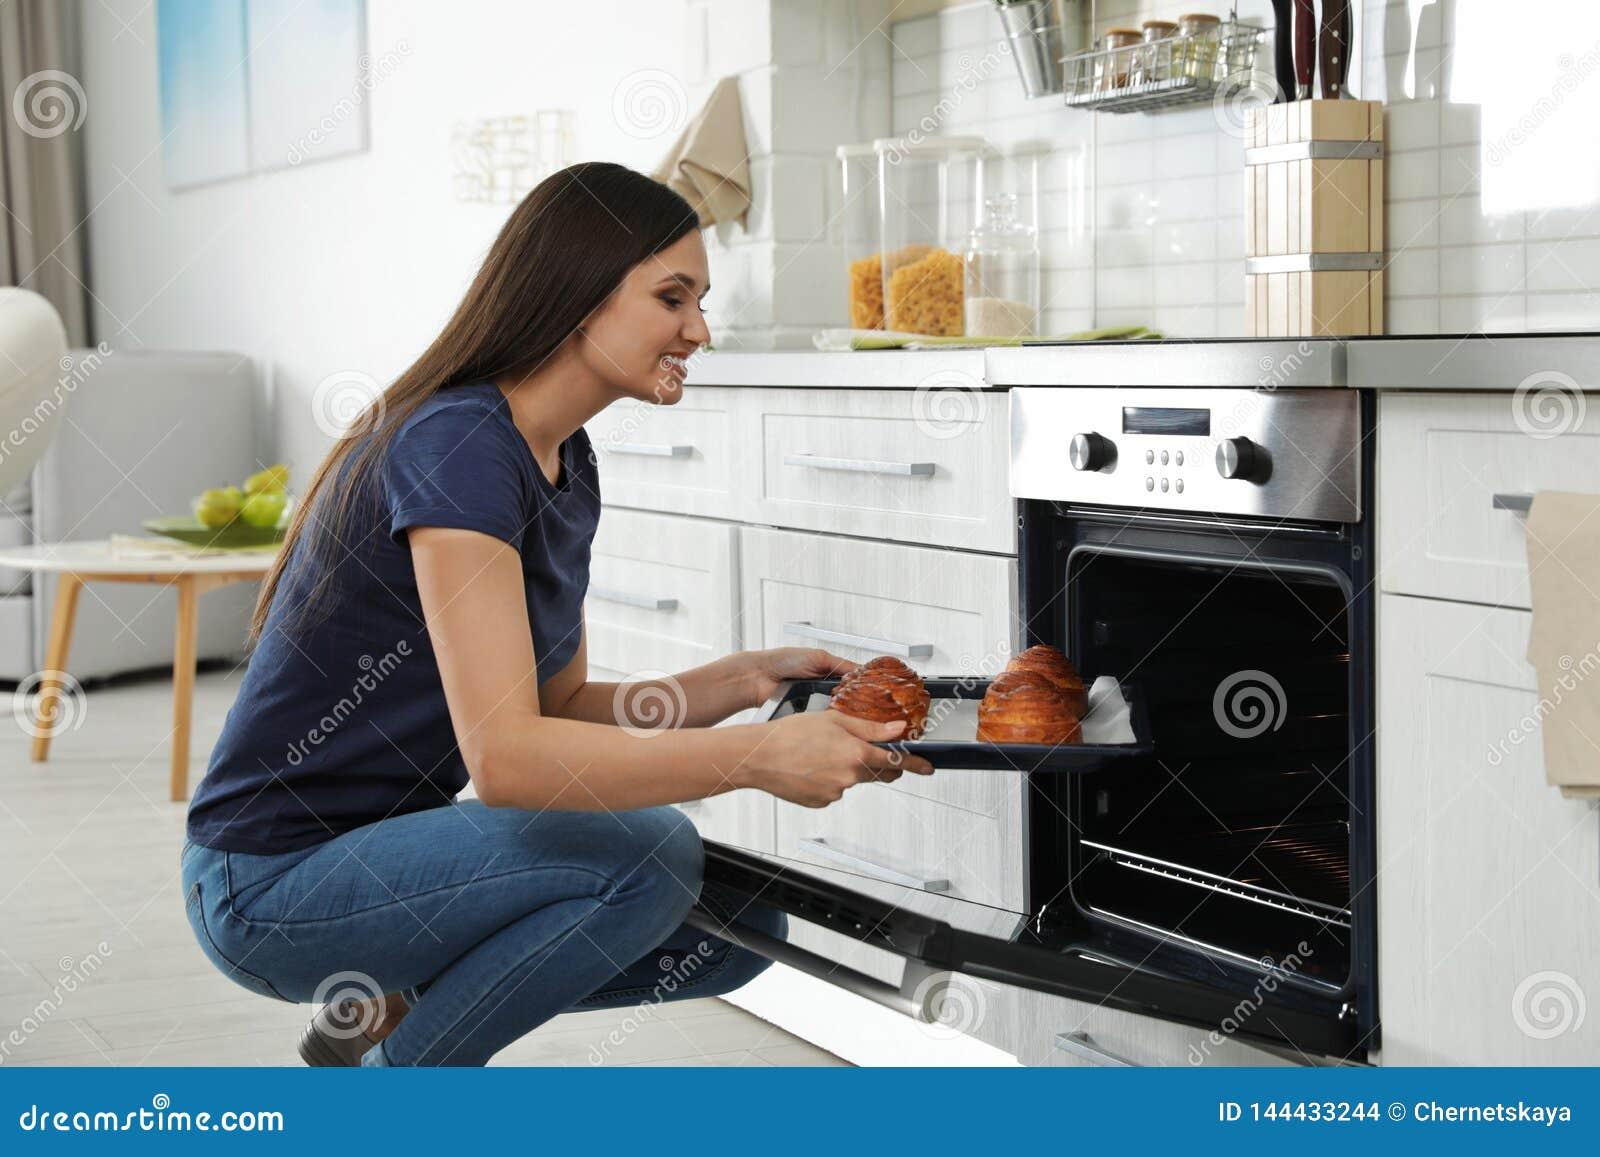 Красивая женщина принимая вне поднос испеченных плюшек от печи